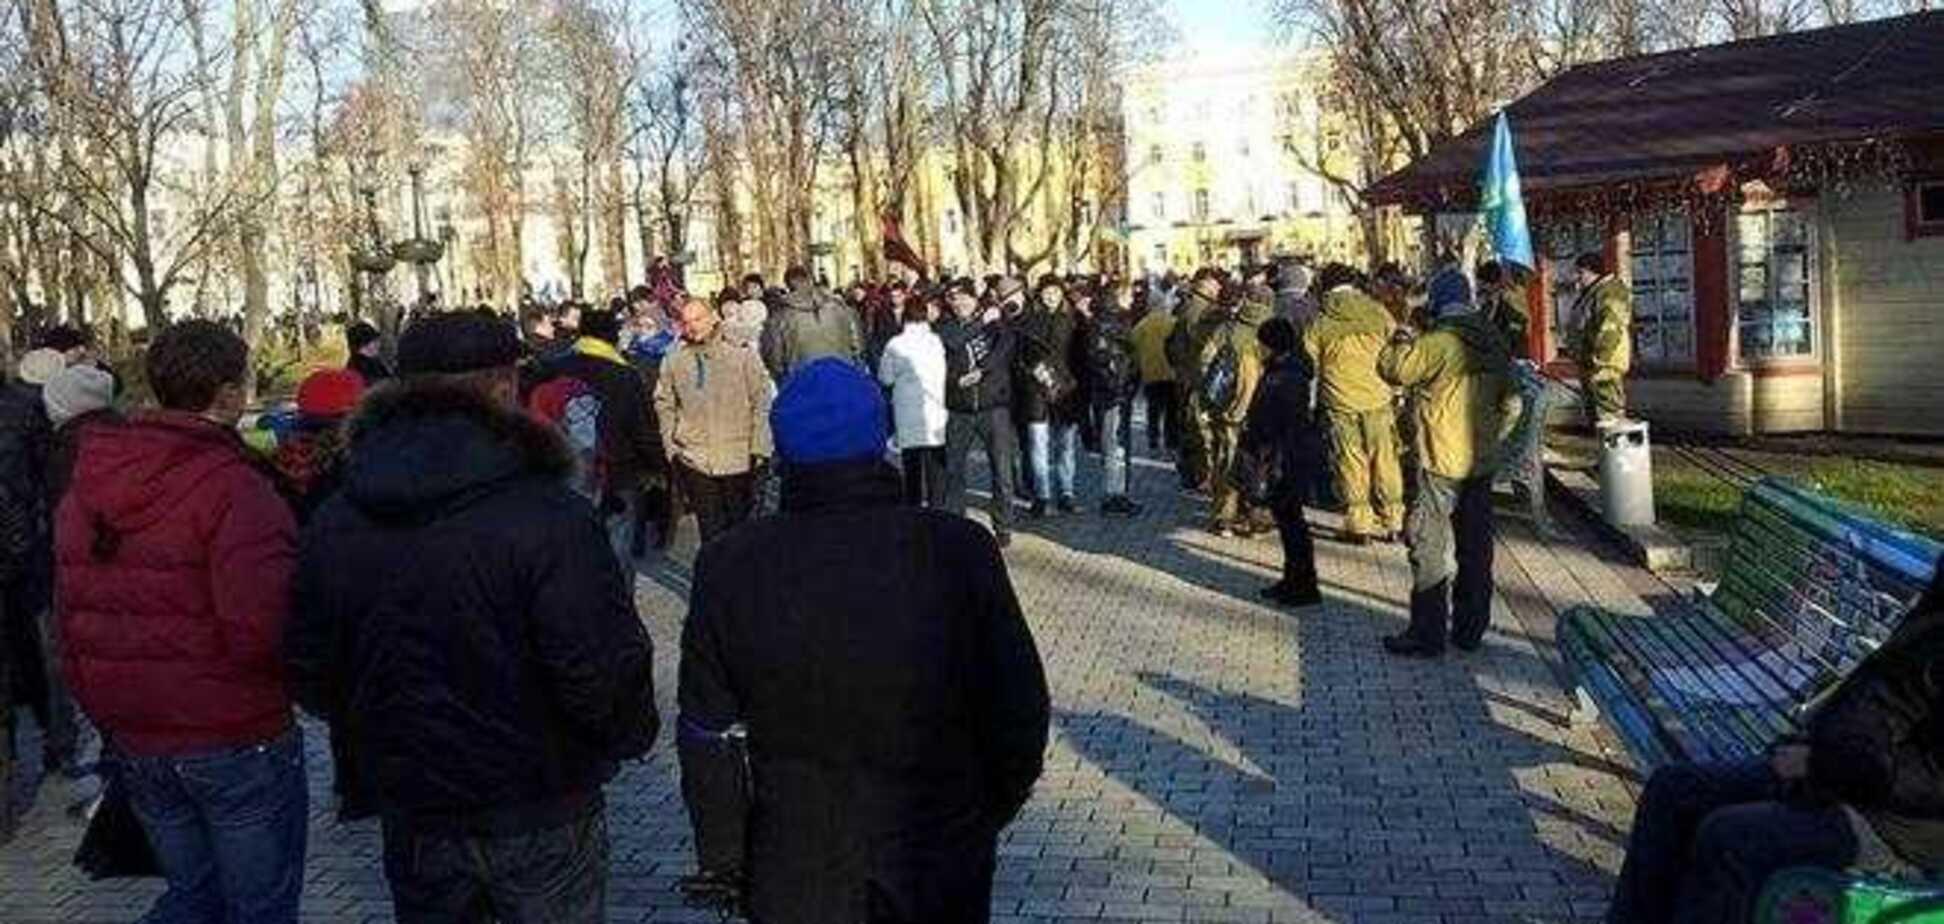 Міліція нарахувала в центрі Києва не більше 2,5 тис. мітингувальників